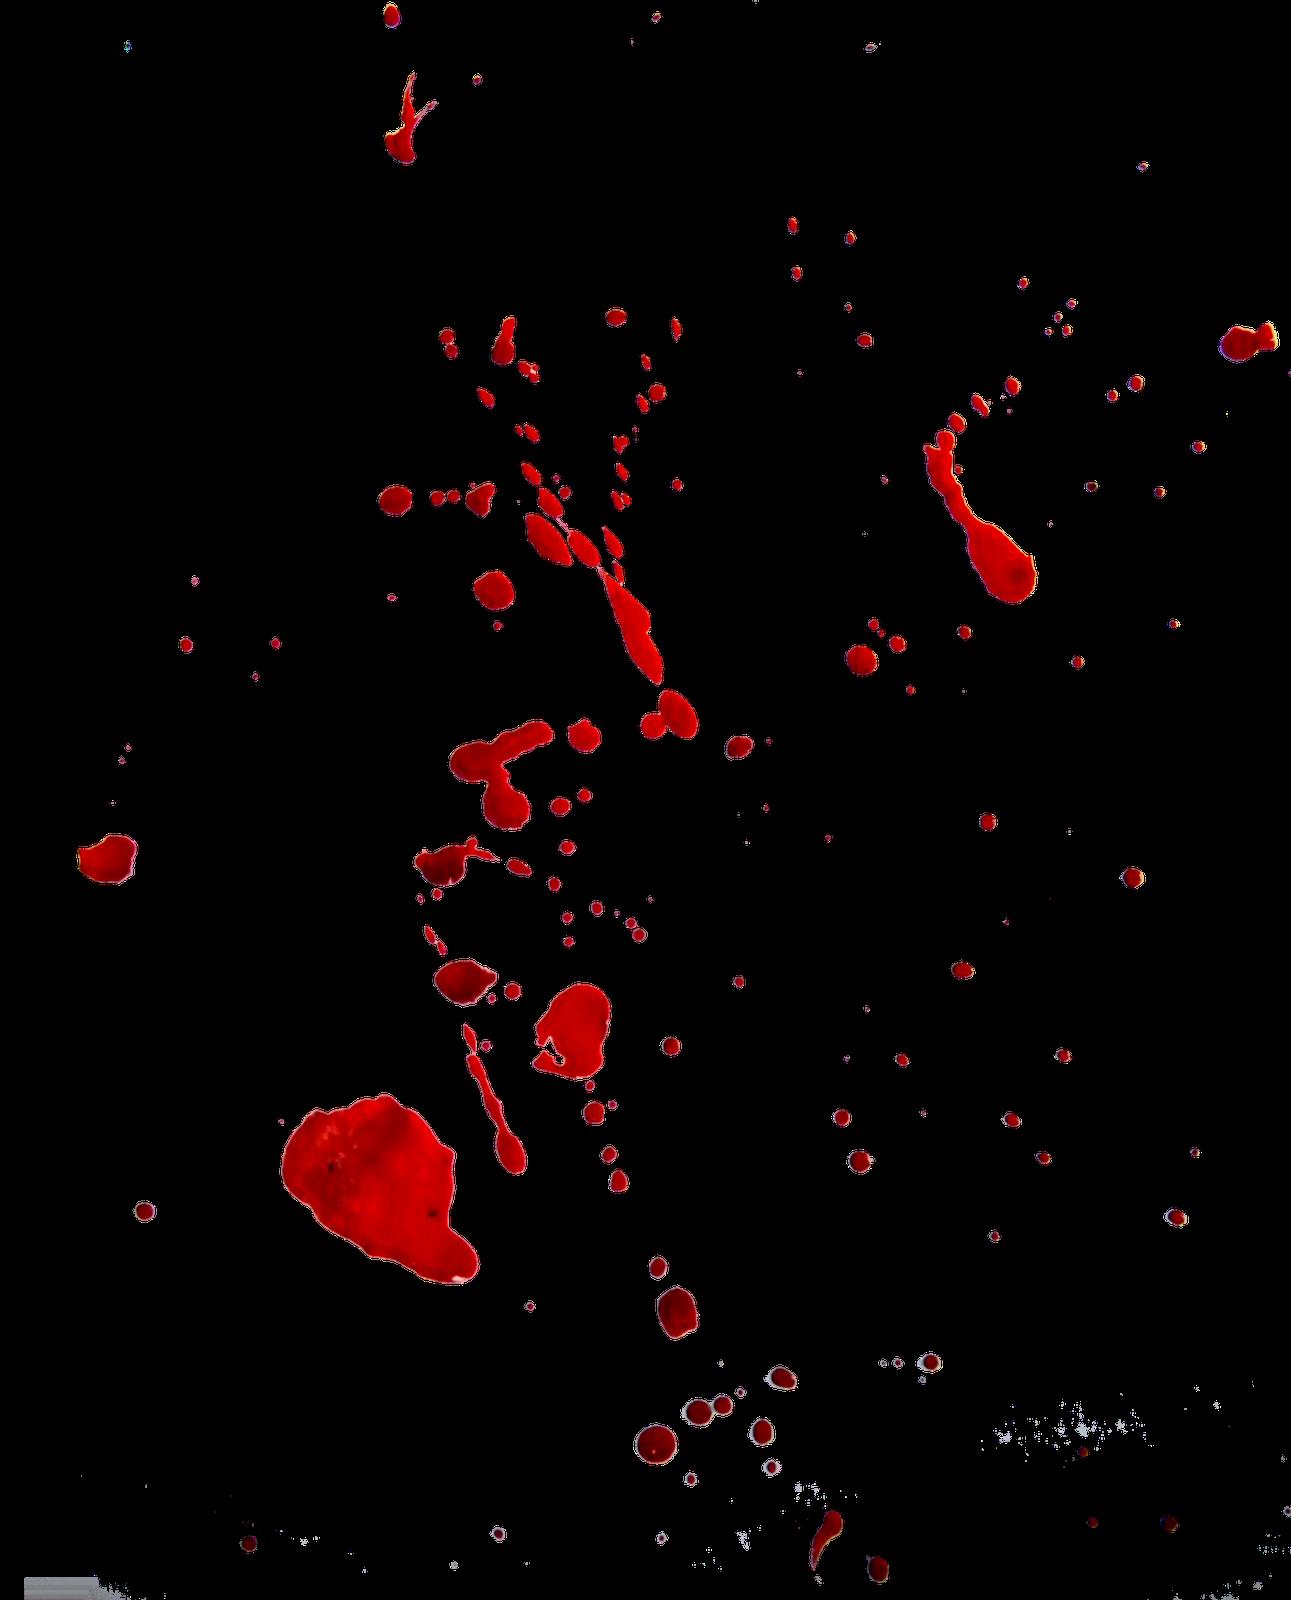 Blood Splatter Transparent PNG Pictures.